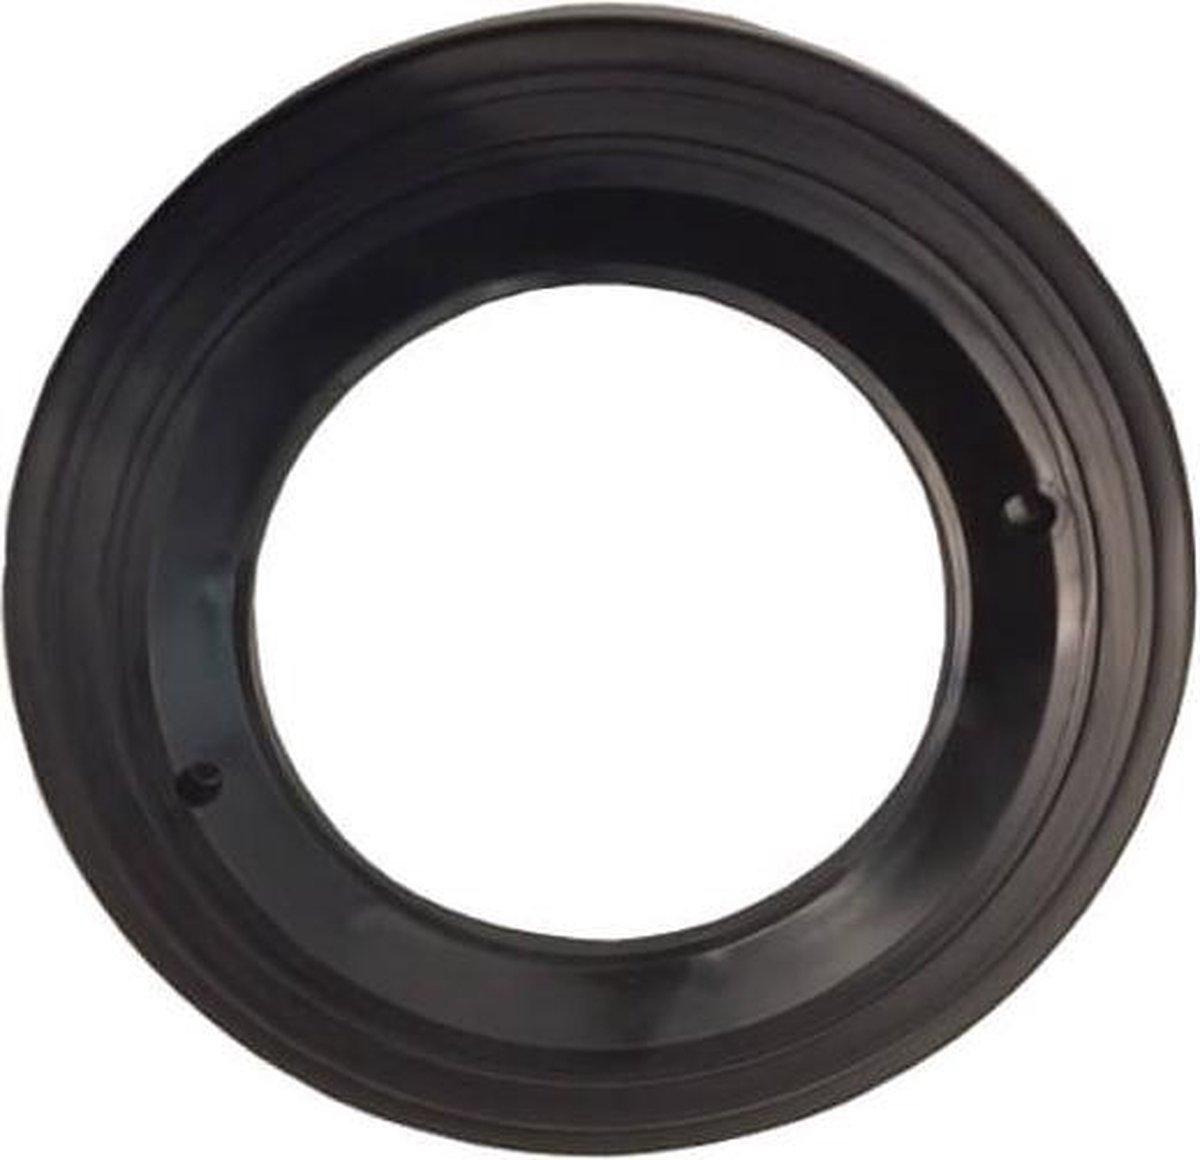 Aqua-Forte zwarte ring voor de behuizing